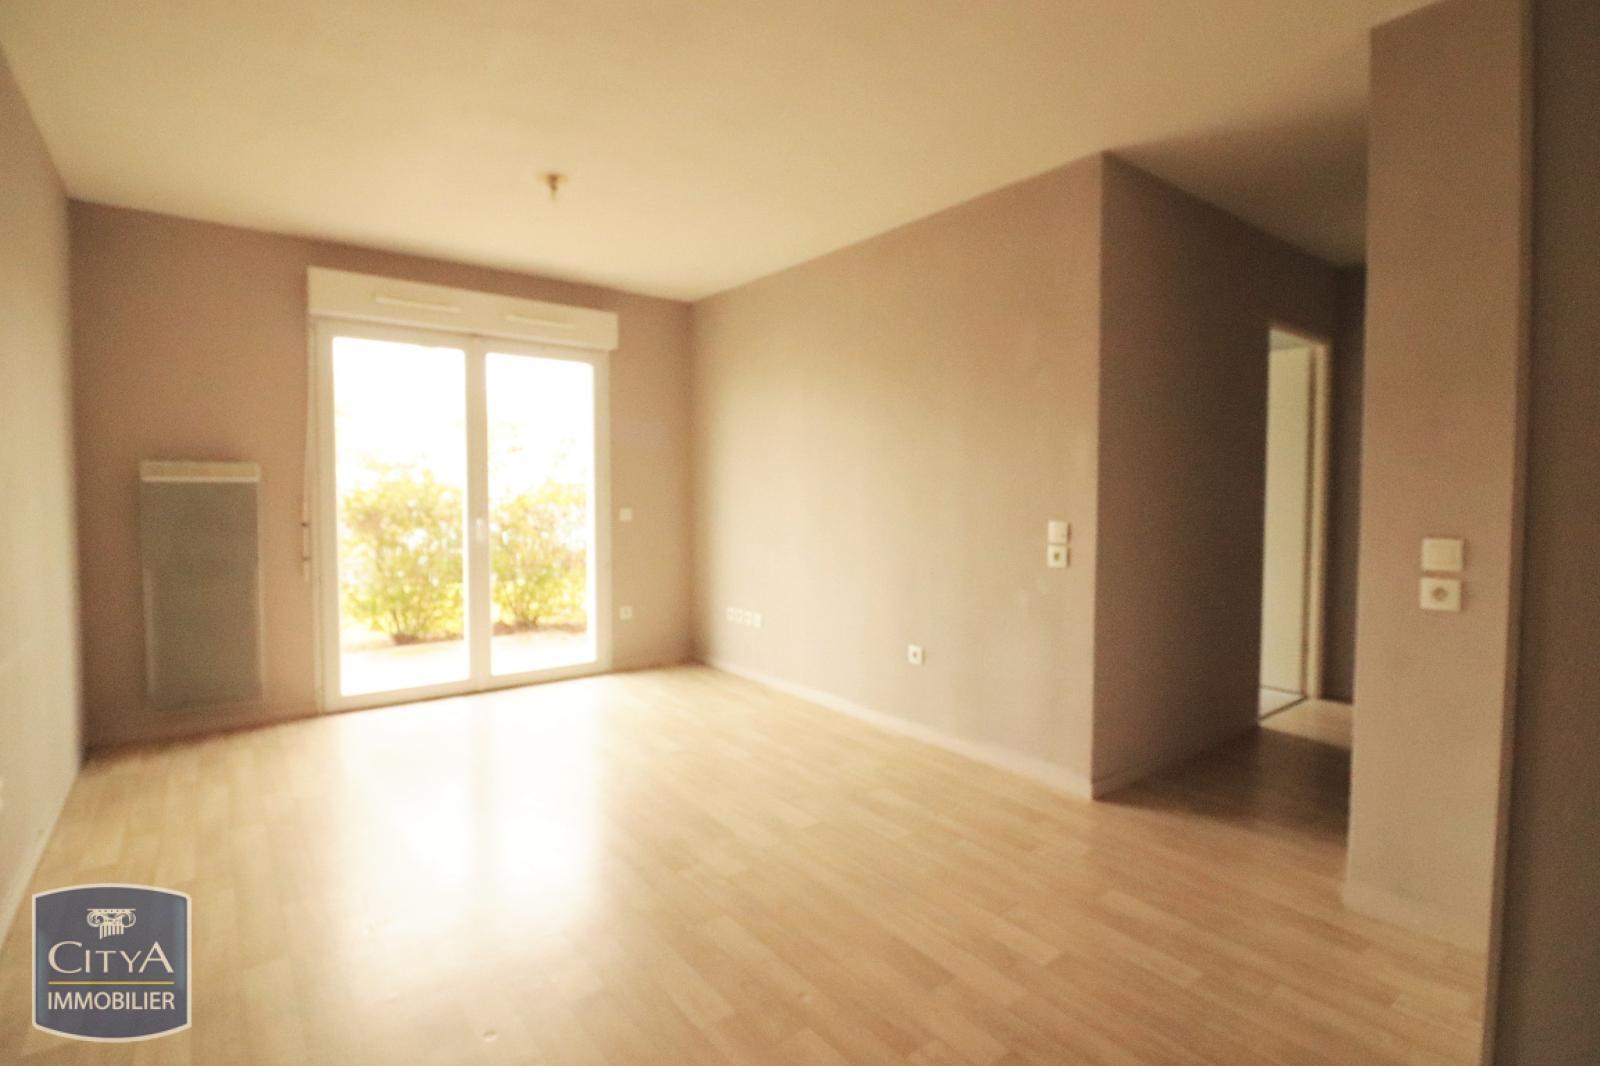 Appartement 3 pièces 51 m²